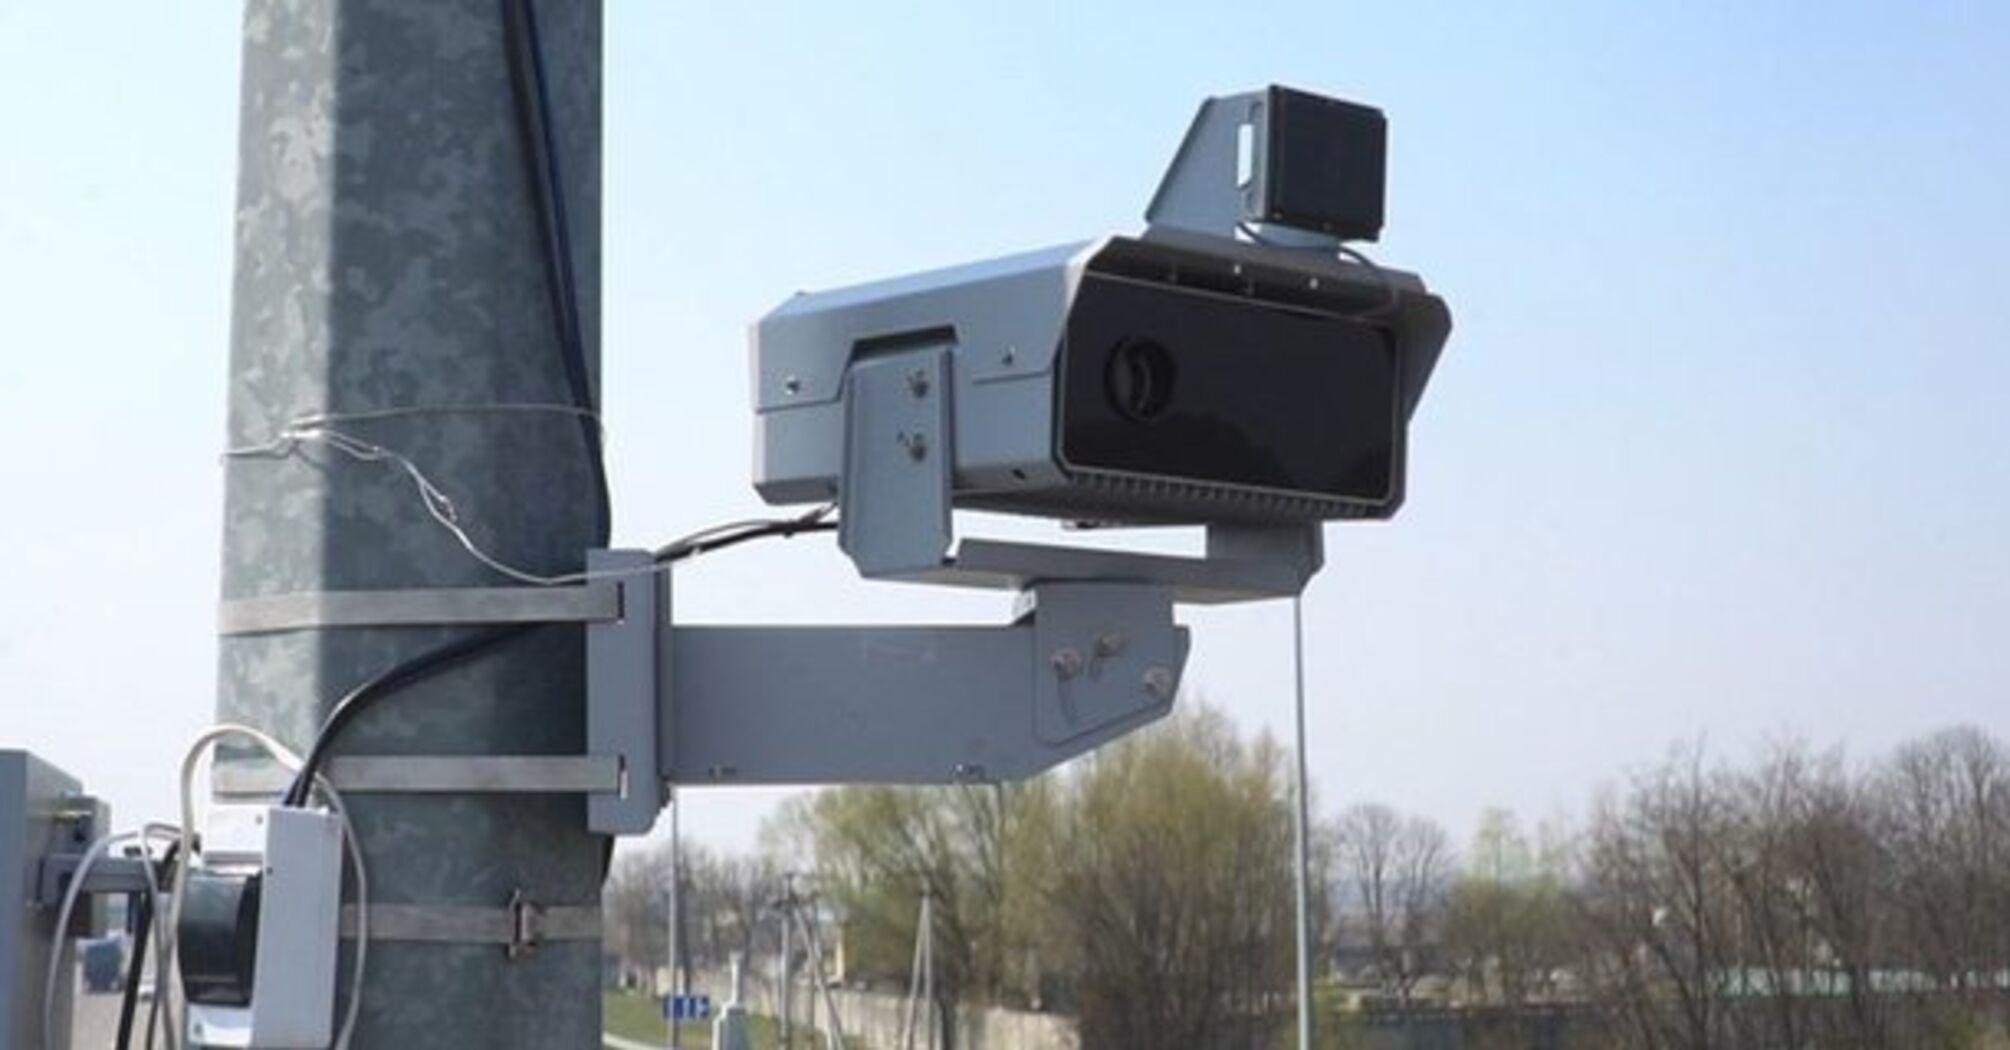 Сьогодні запрацюють нові камери фіксації порушень ПДР (список)